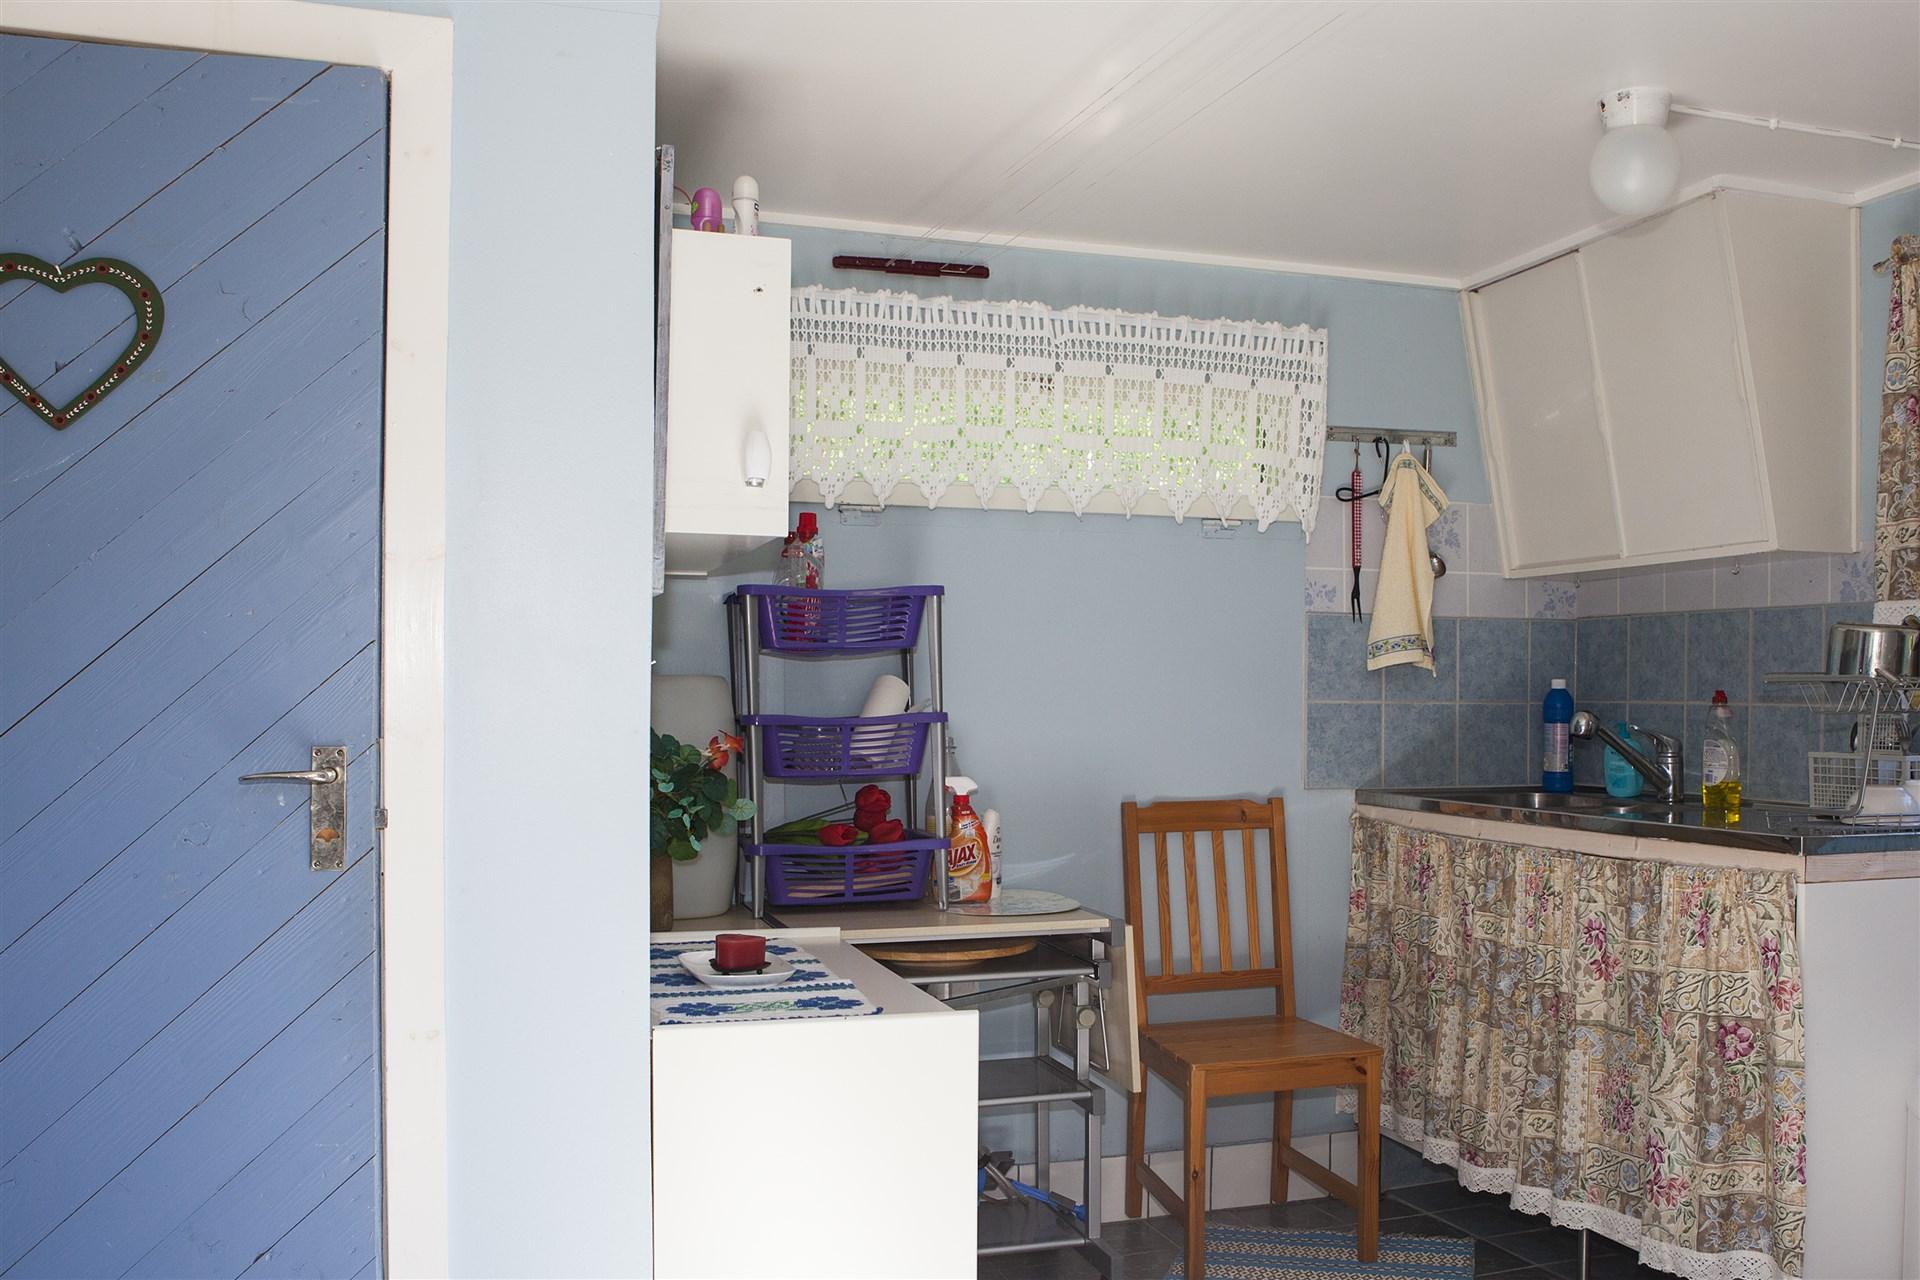 Miljötoalett, dusch, diskbänk och förrådsutrymmen.